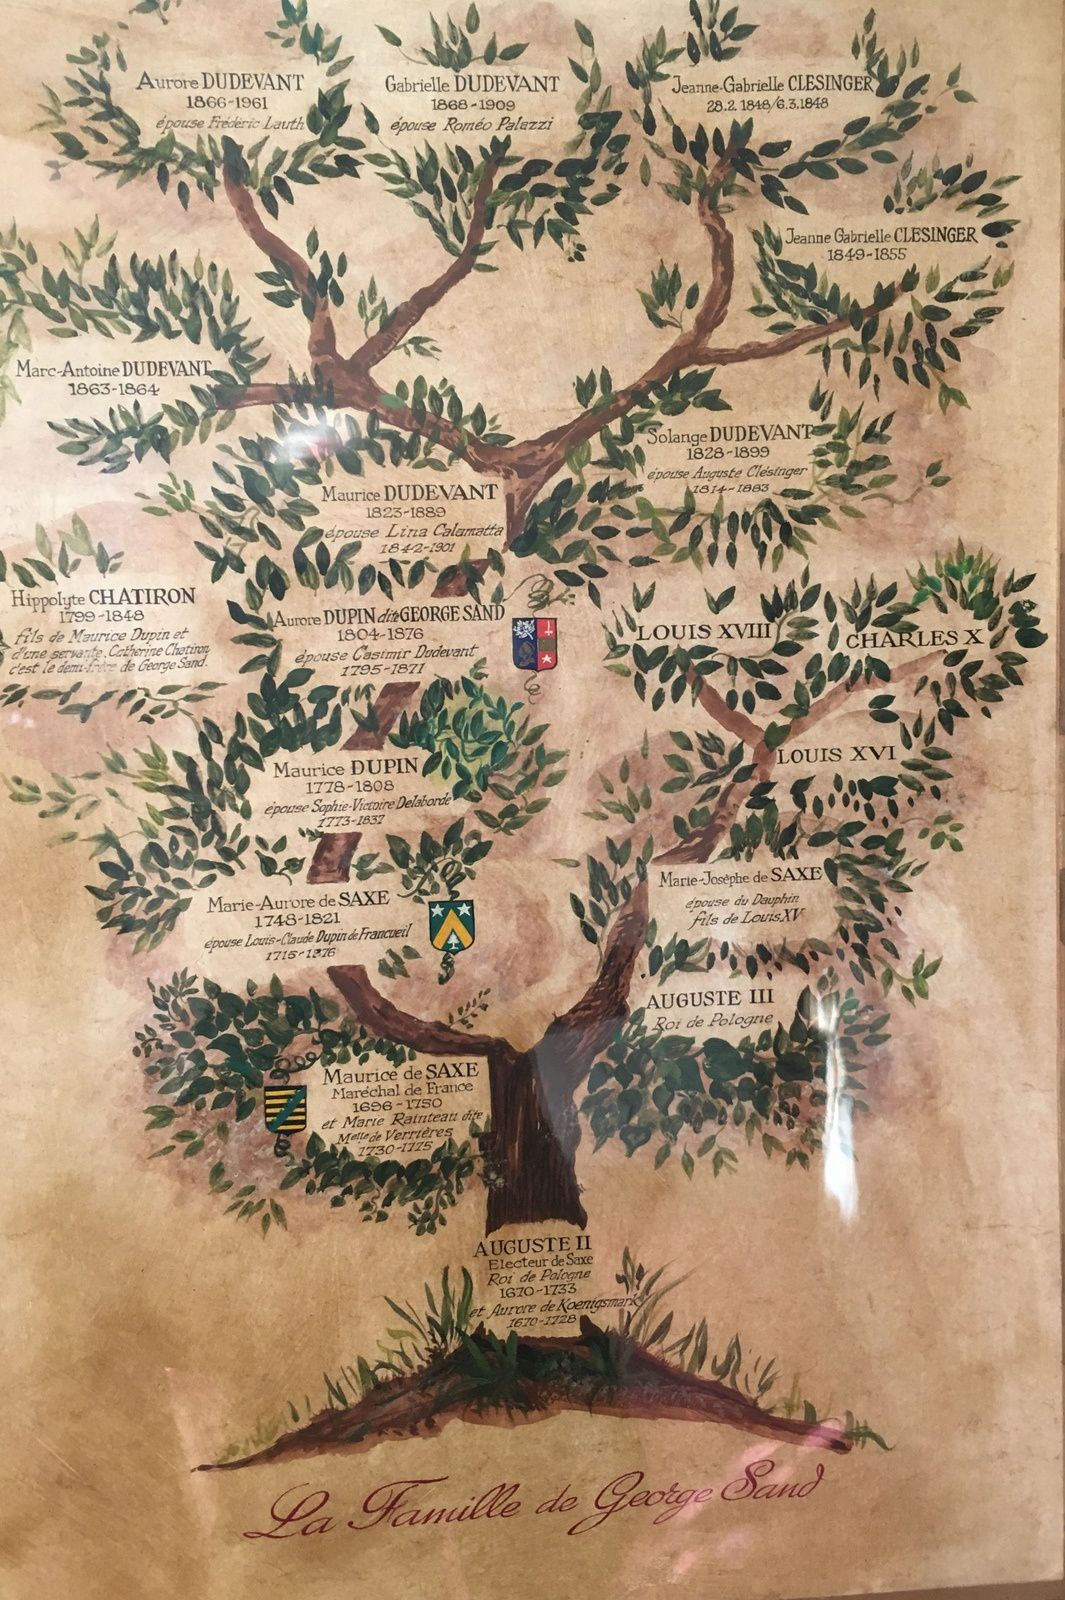 aurore Dupin, George Sand, arbre généalogique, Dudevant